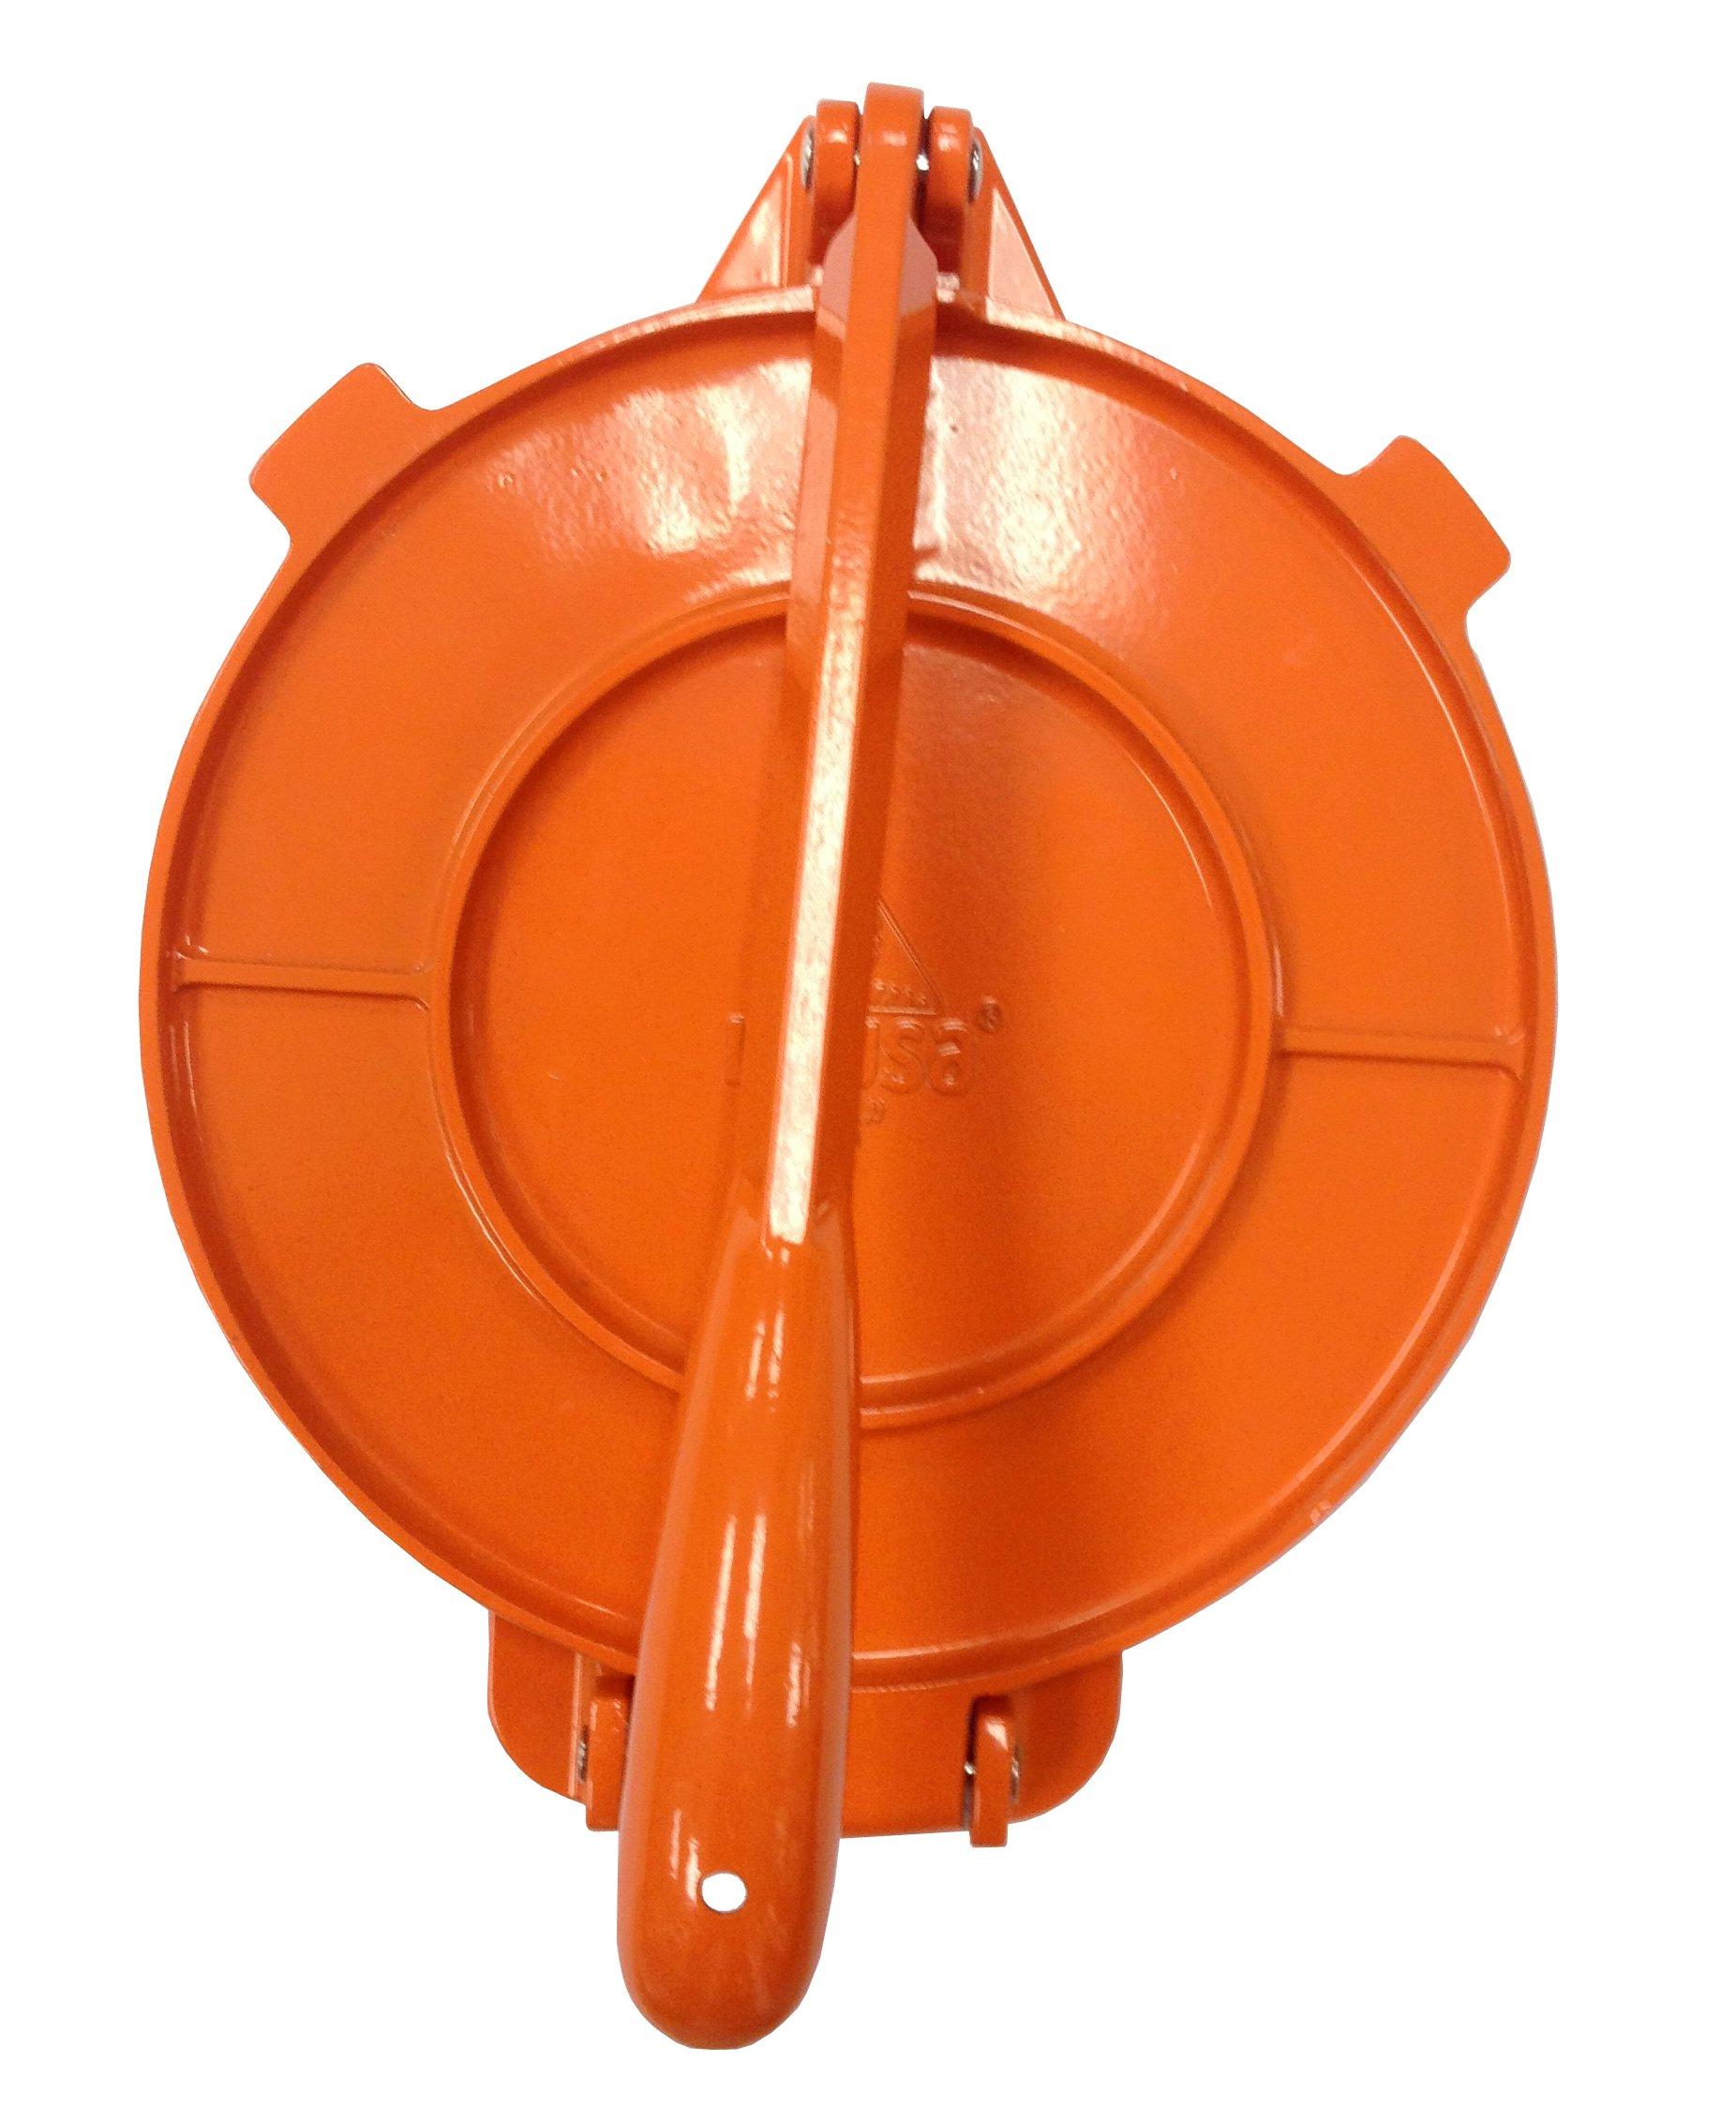 IMUSA USA MEXI-86016 Aluminum Tortilla Press 8-Inch, Orange